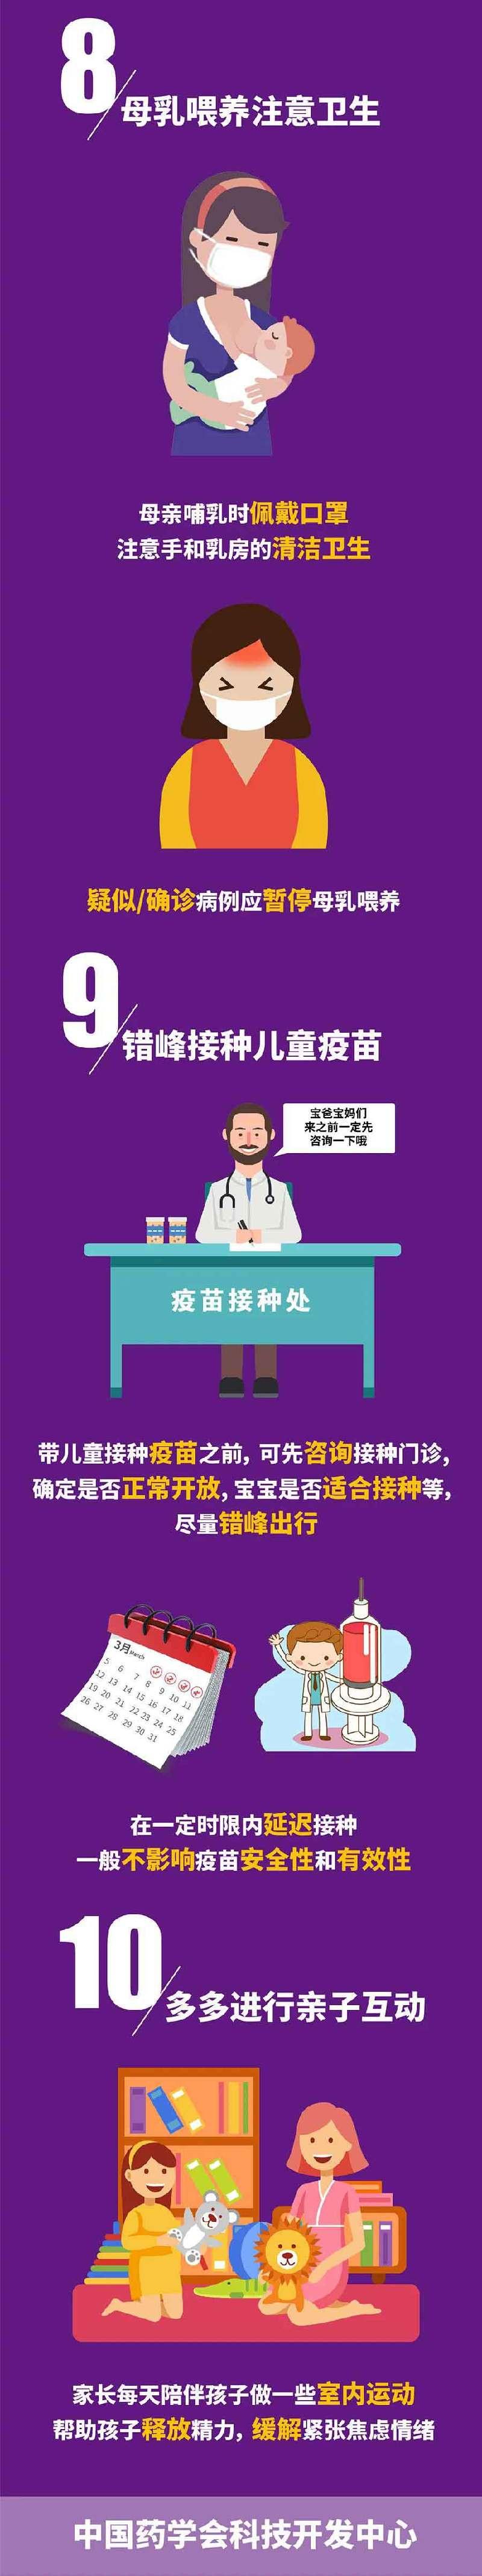 兒童保健醫生的10條建議,疫情期間要注意!